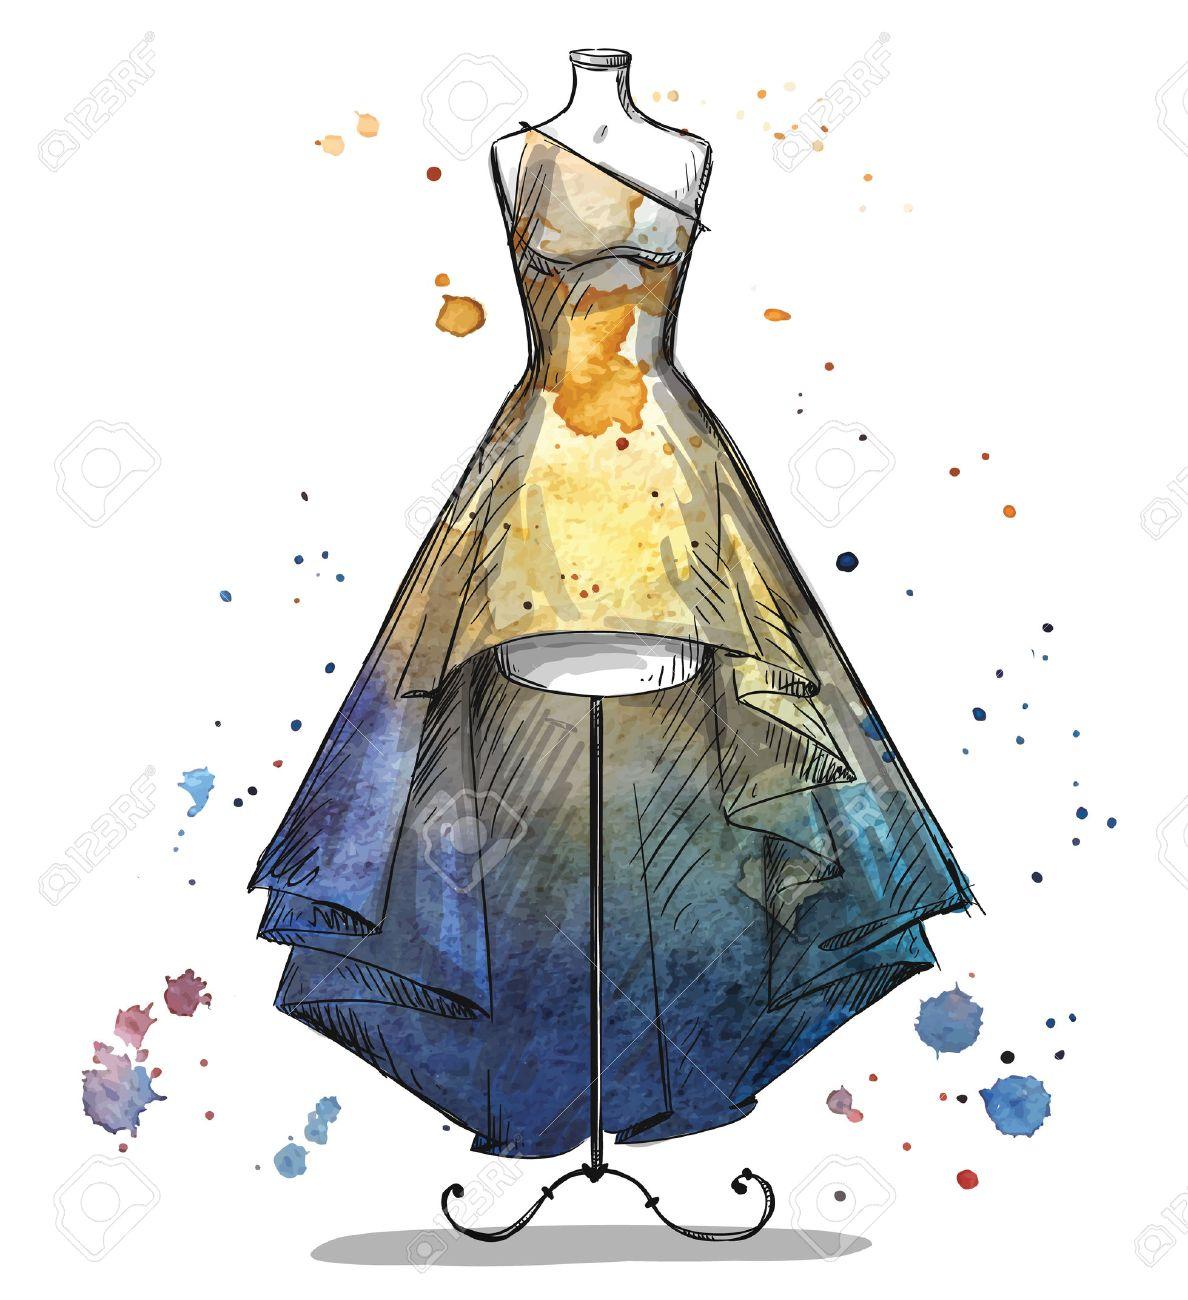 長いドレスのマネキンファッション イラストのイラスト素材ベクタ